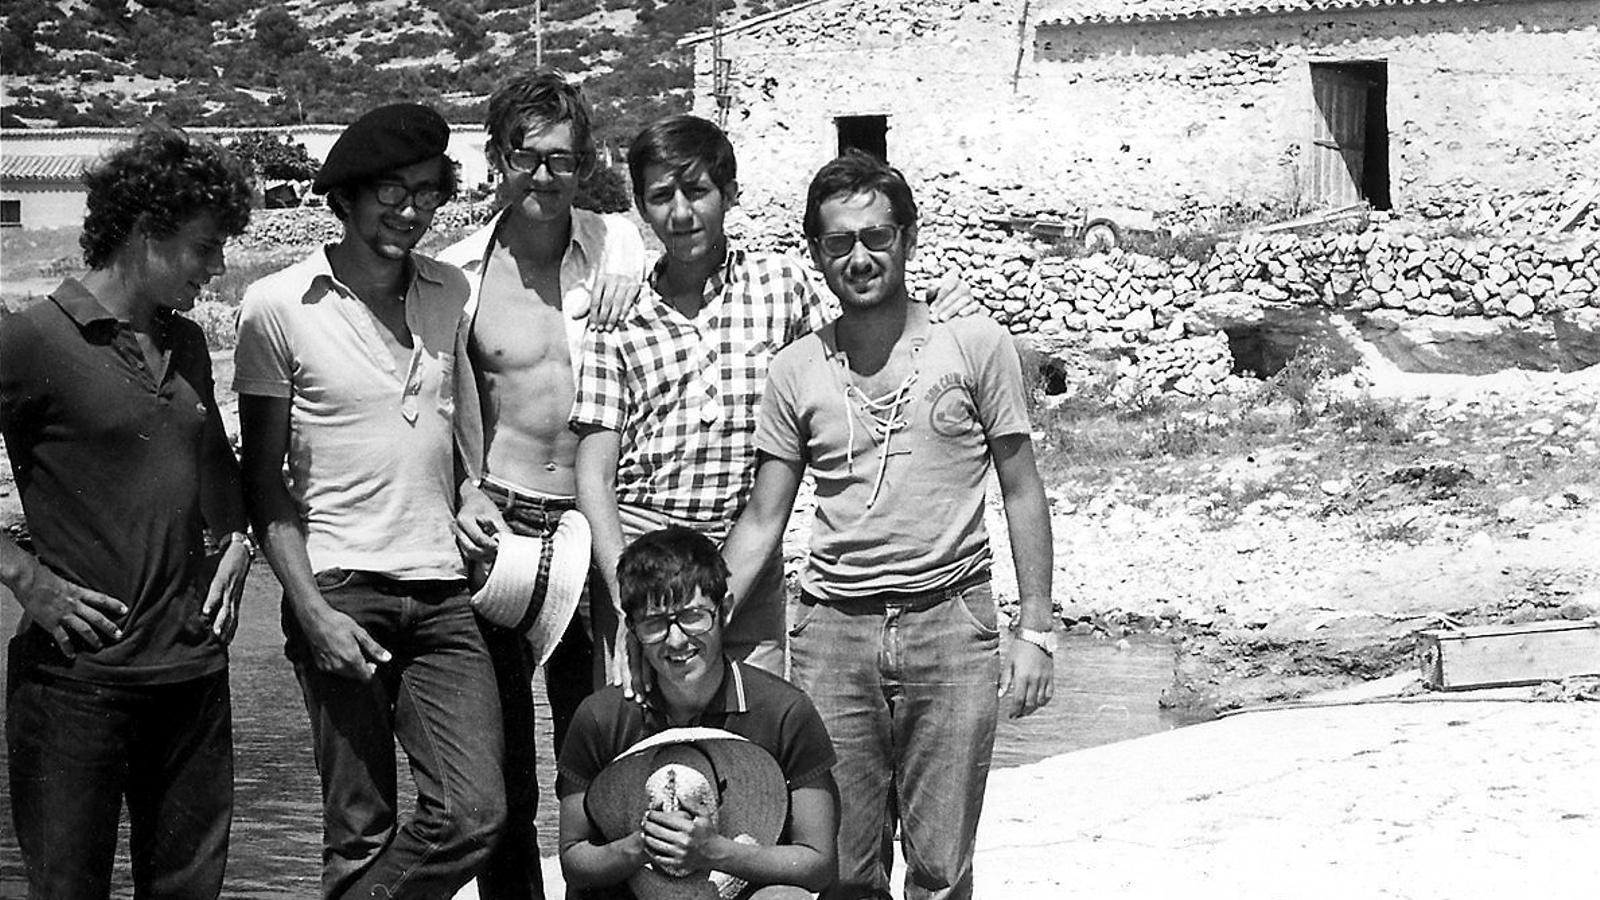 D'esquerra a dreta, Àlex de Juan, J.A. Alcover, Ramón Margalef, Jordi Muntaner, Pasqual Ballester. Joan Mayol (acotat).